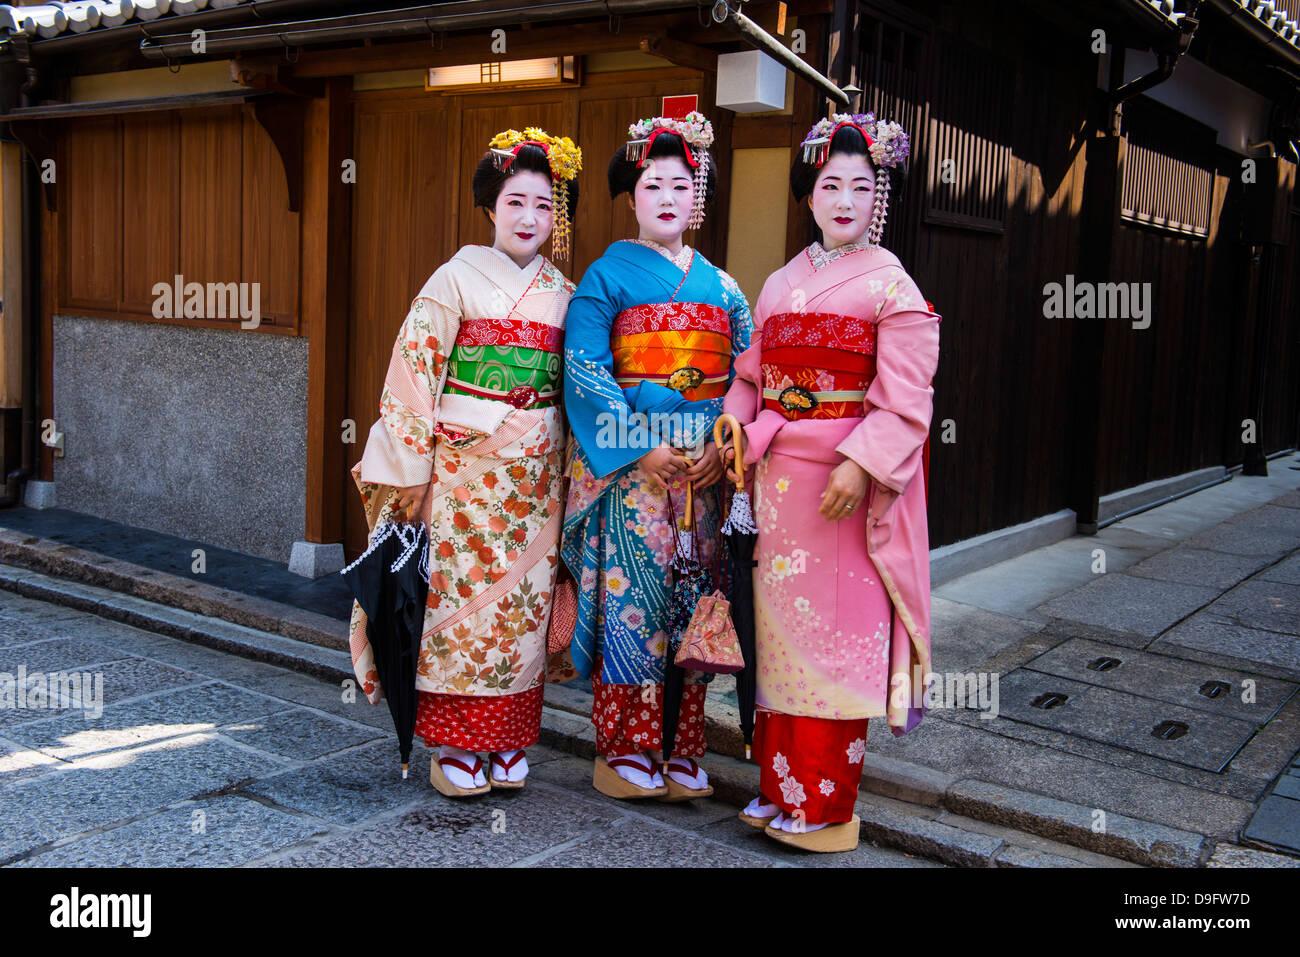 Habillé traditionnellement Geishas dans le vieux quartier de Kyoto, Japon Photo Stock